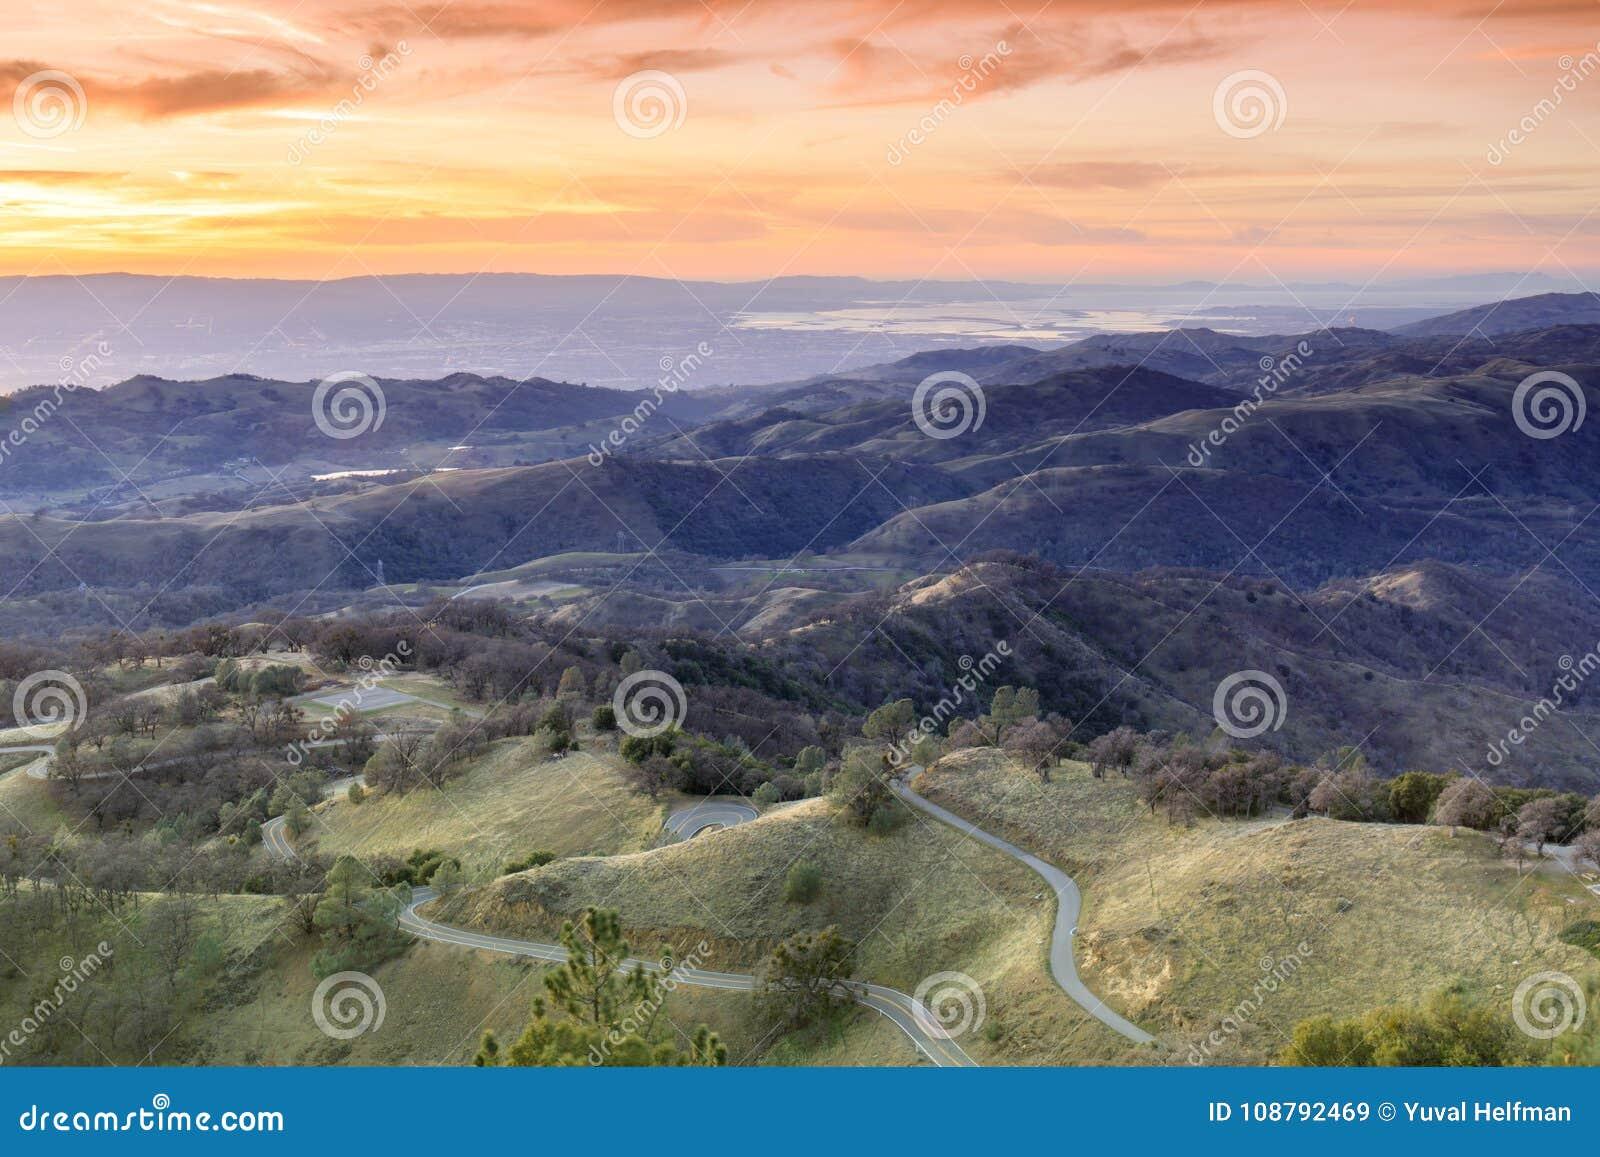 Soporte Hamilton Foothills y Santa Clara Valley Sunset